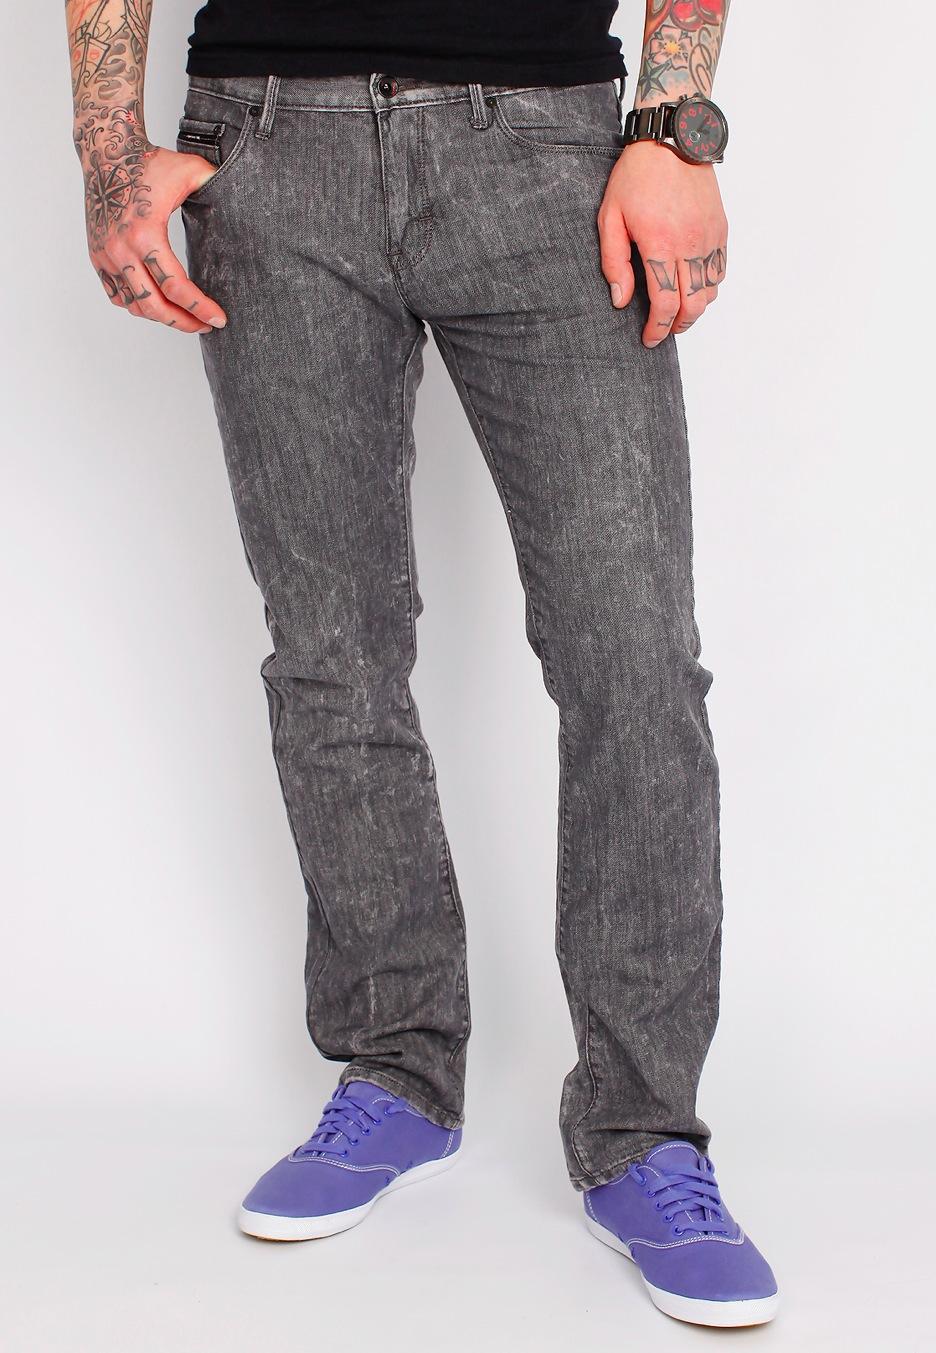 vans grey jeans